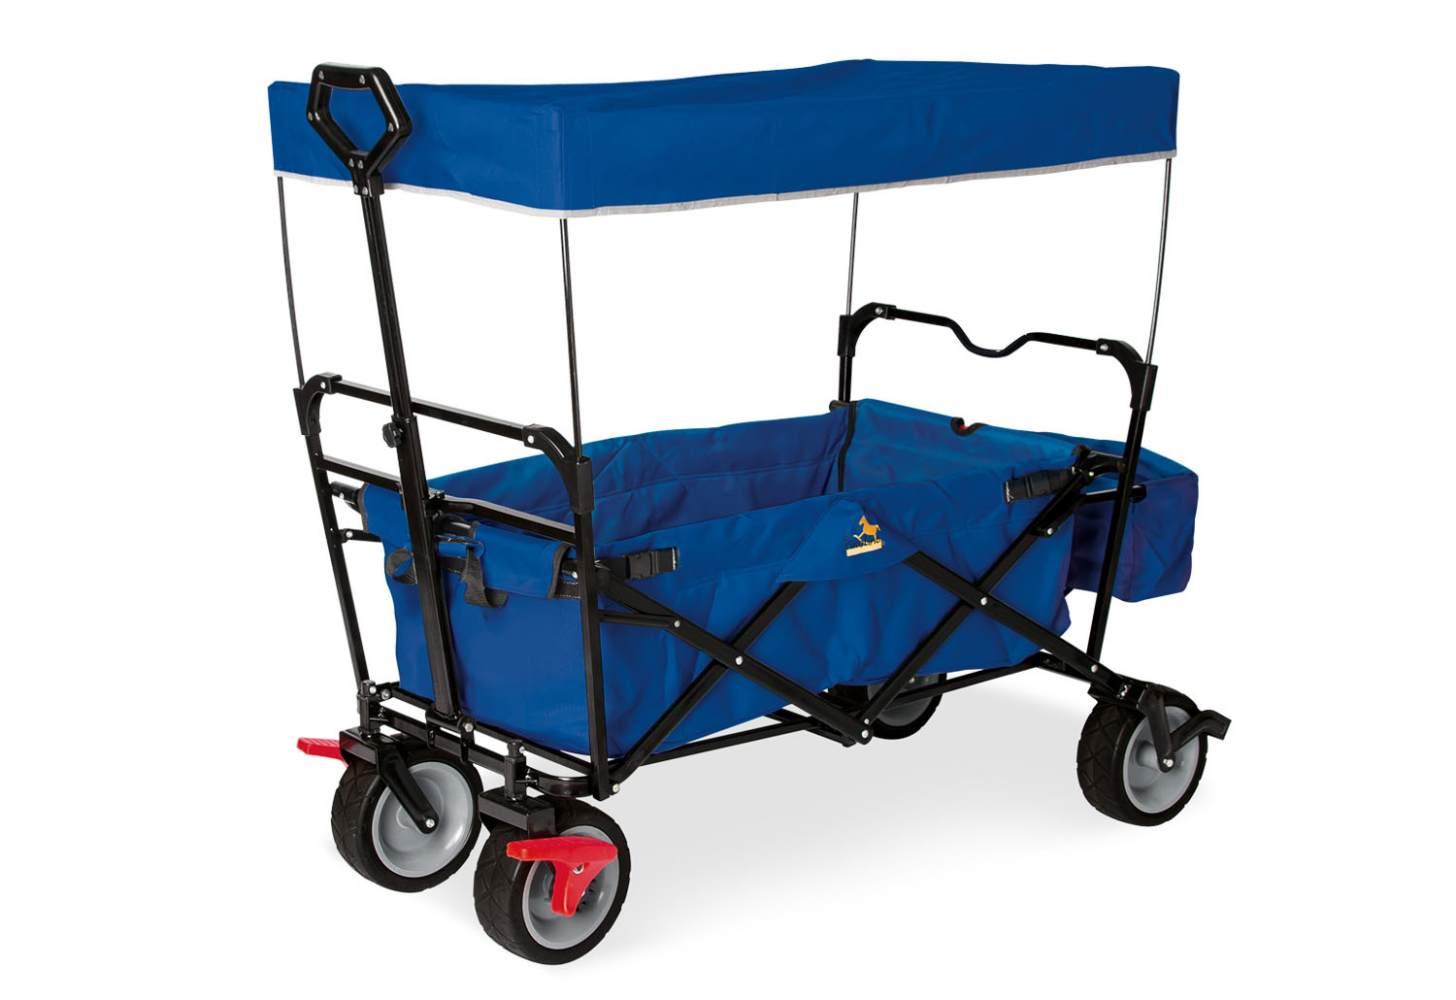 Pinolino 'Paxi dlx Comfort' Klappbollerwagen in Blau, inkl. Feststellbremse, Sonnendach, Hecktasche Bild 1